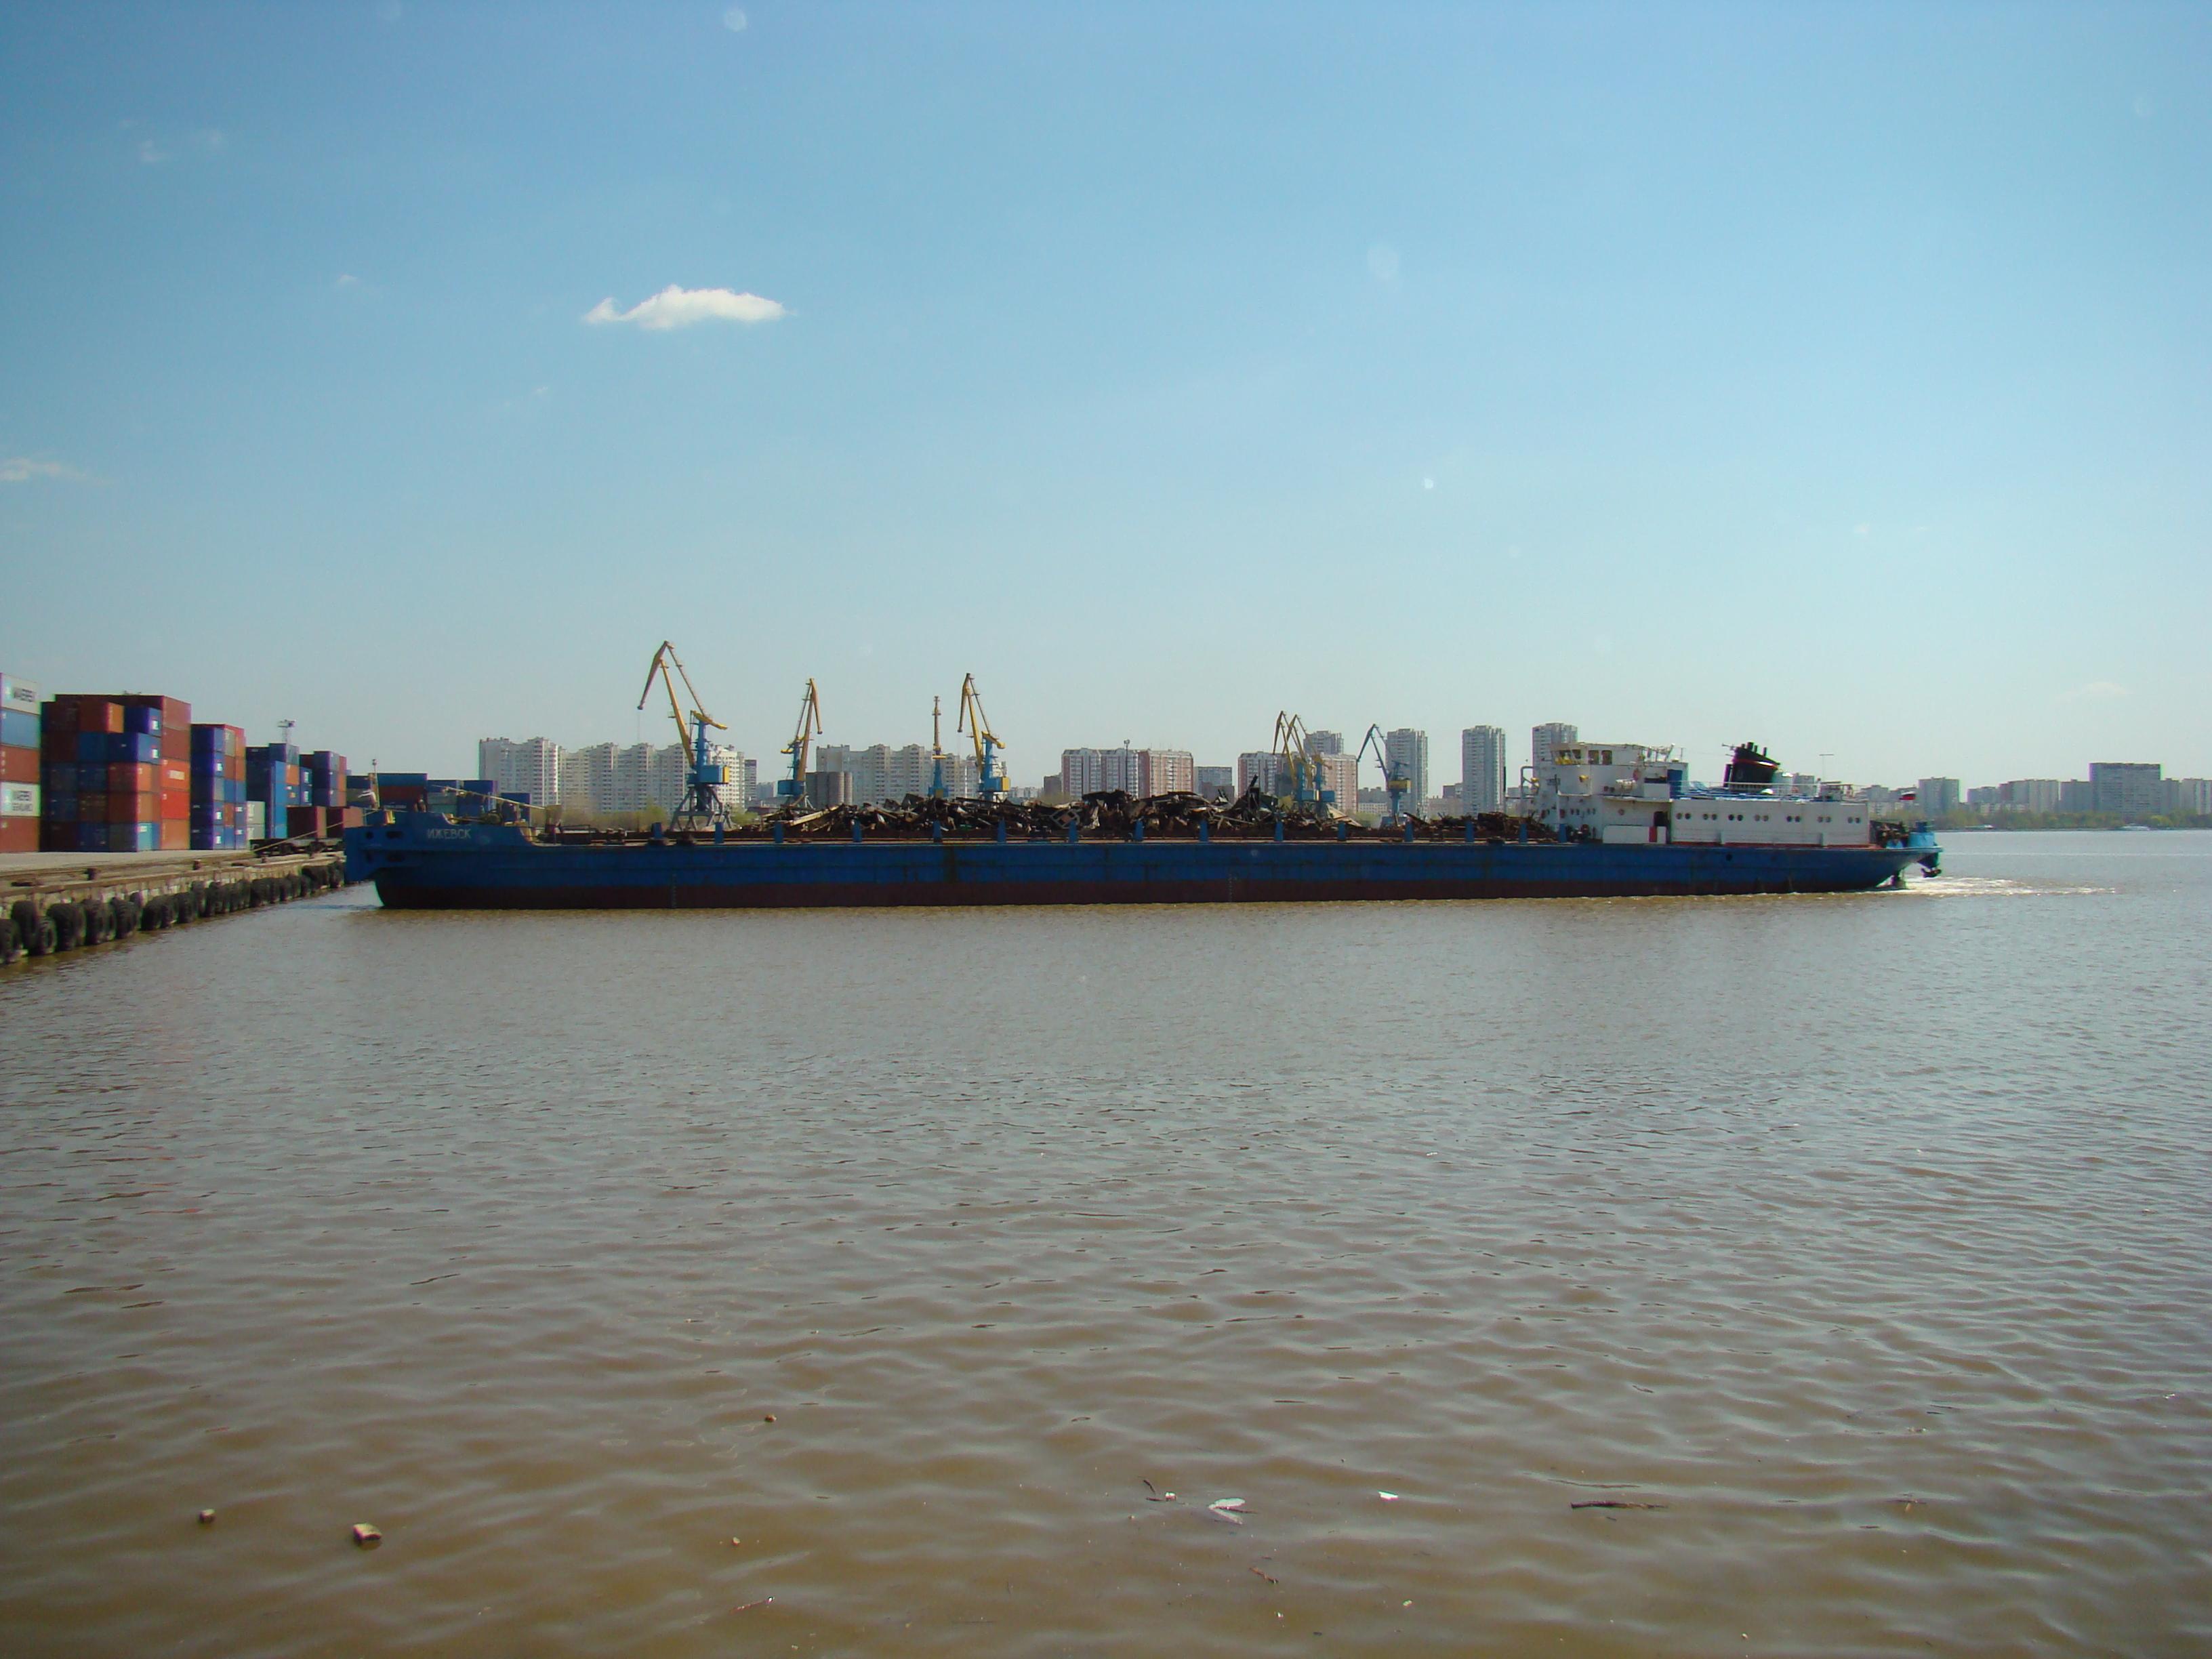 Речной порт ижевск песок сухие строительные смеси отделочные материалы прайсы Ижевск